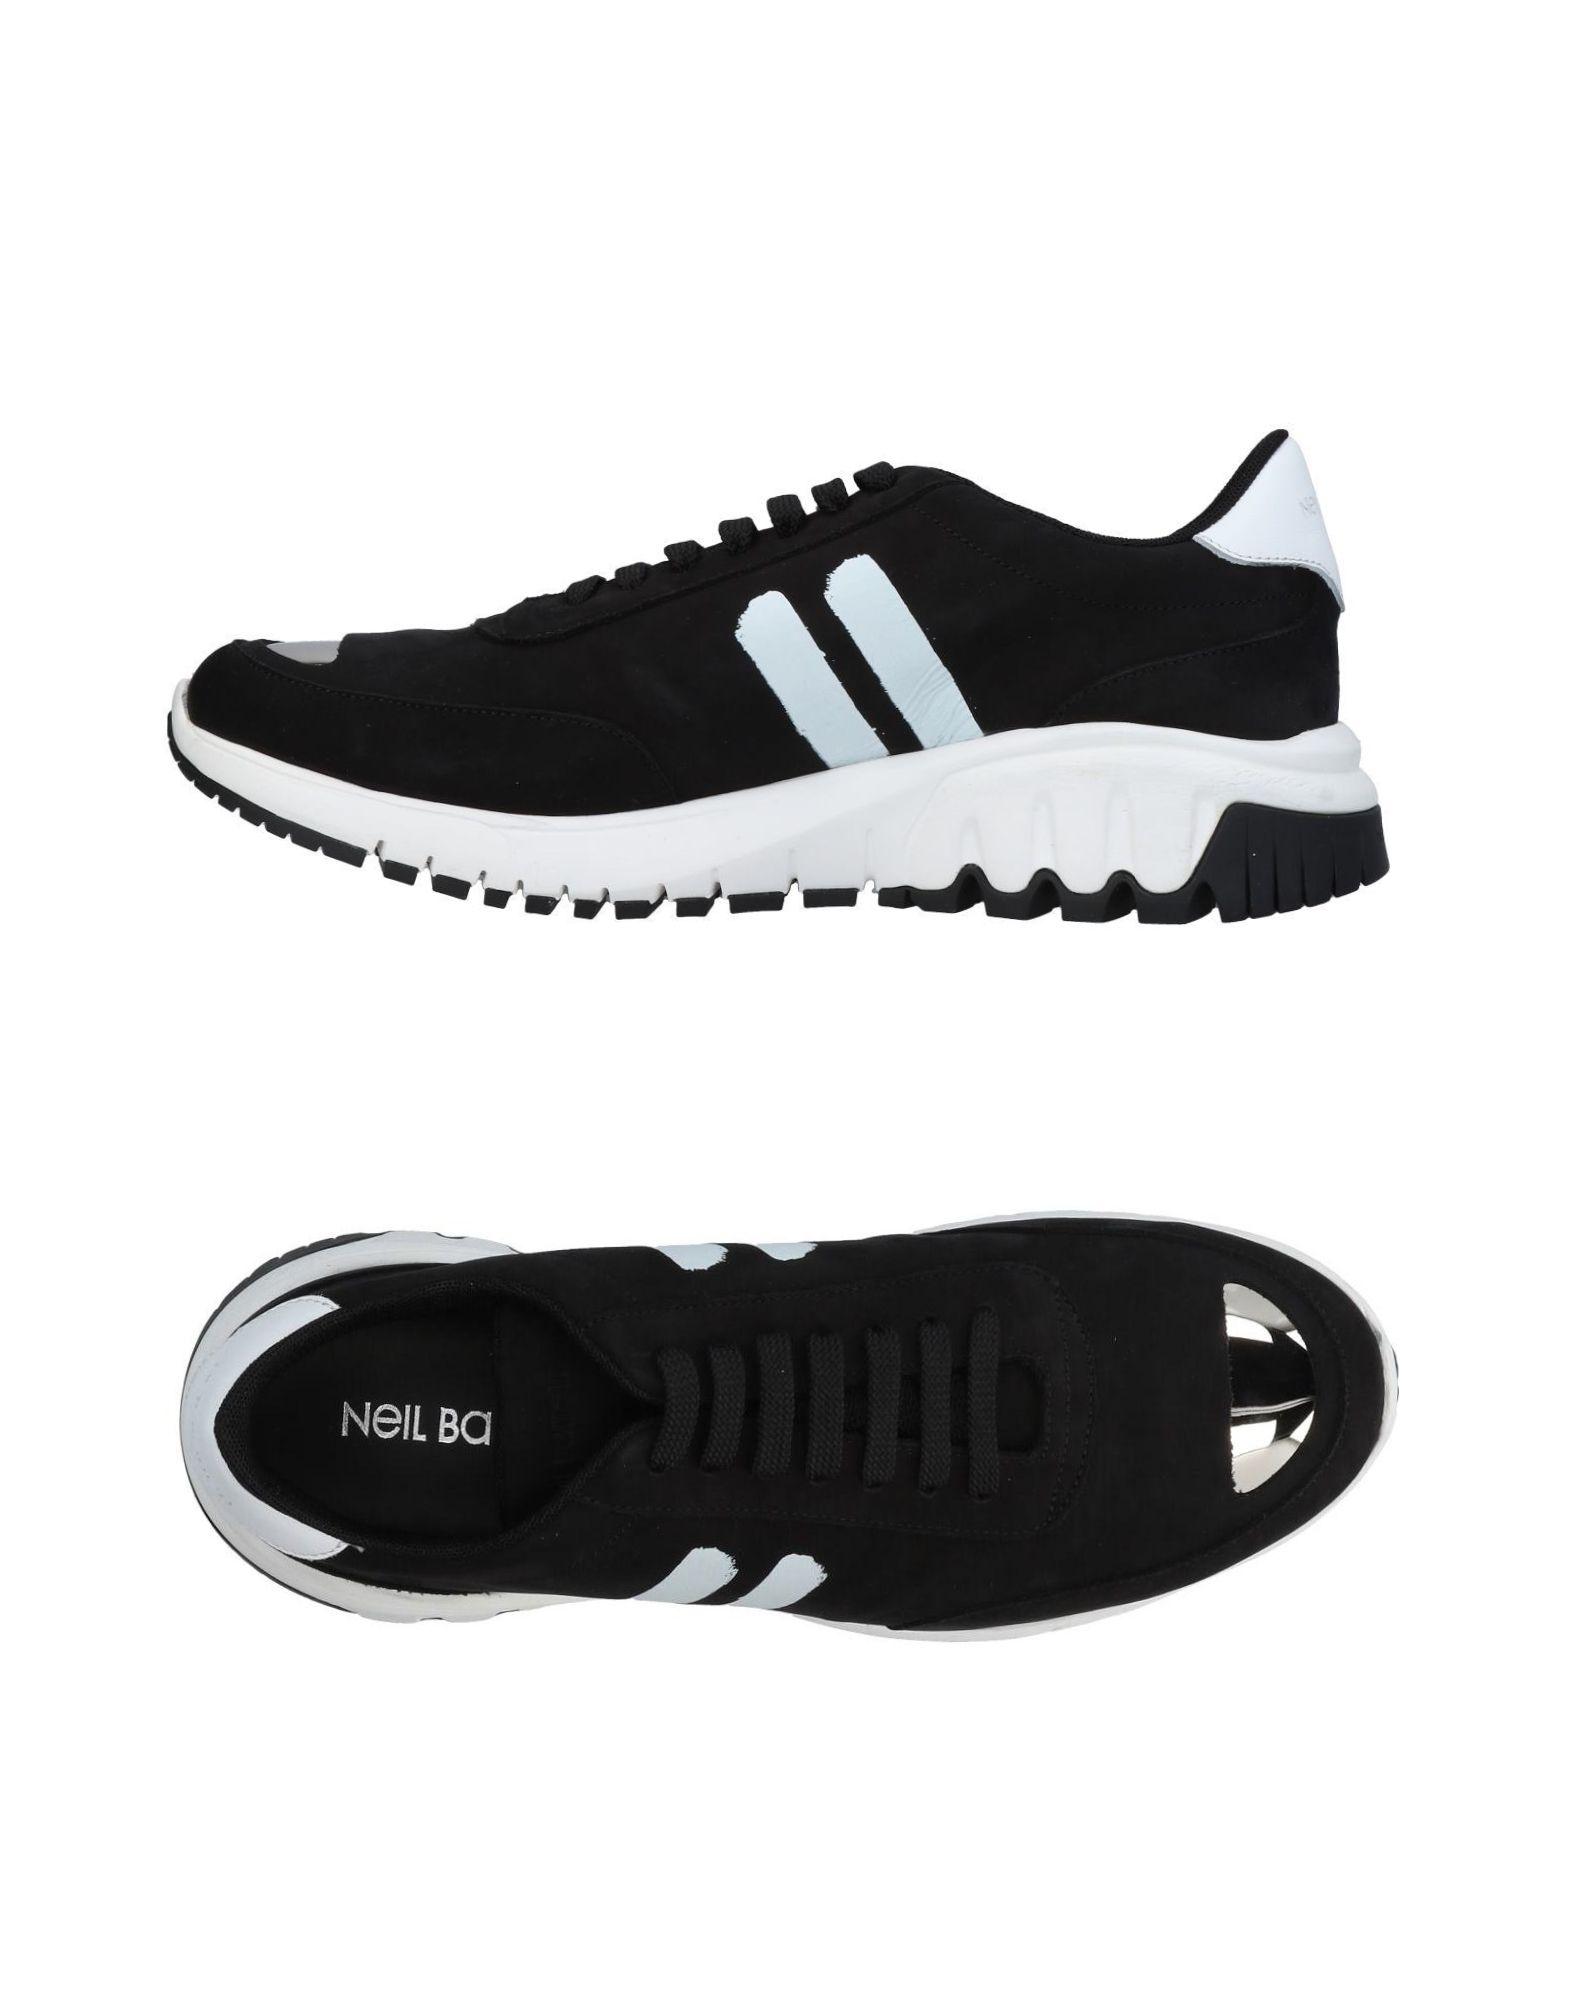 Neil Barrett Sneakers Herren  11441466JQ Gute Qualität beliebte Schuhe